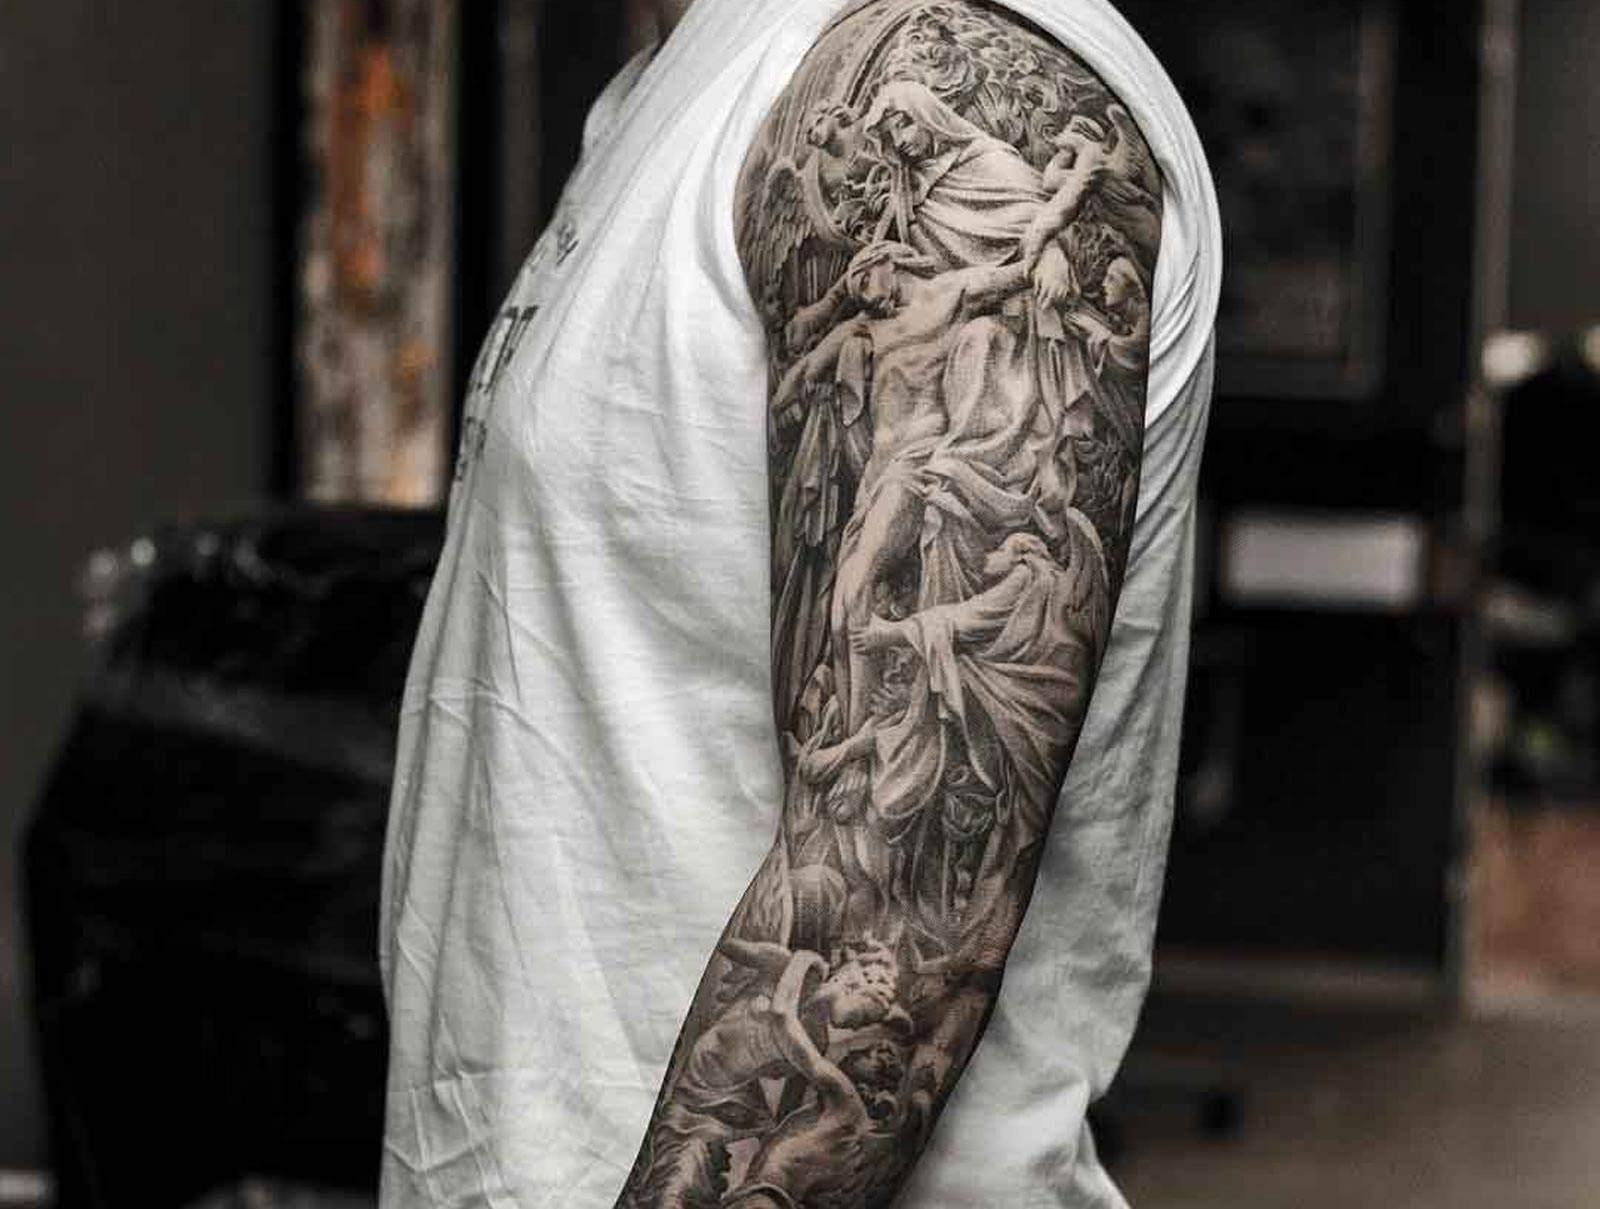 Tatuagem religiosa de Jesus e os anjos feita no braço